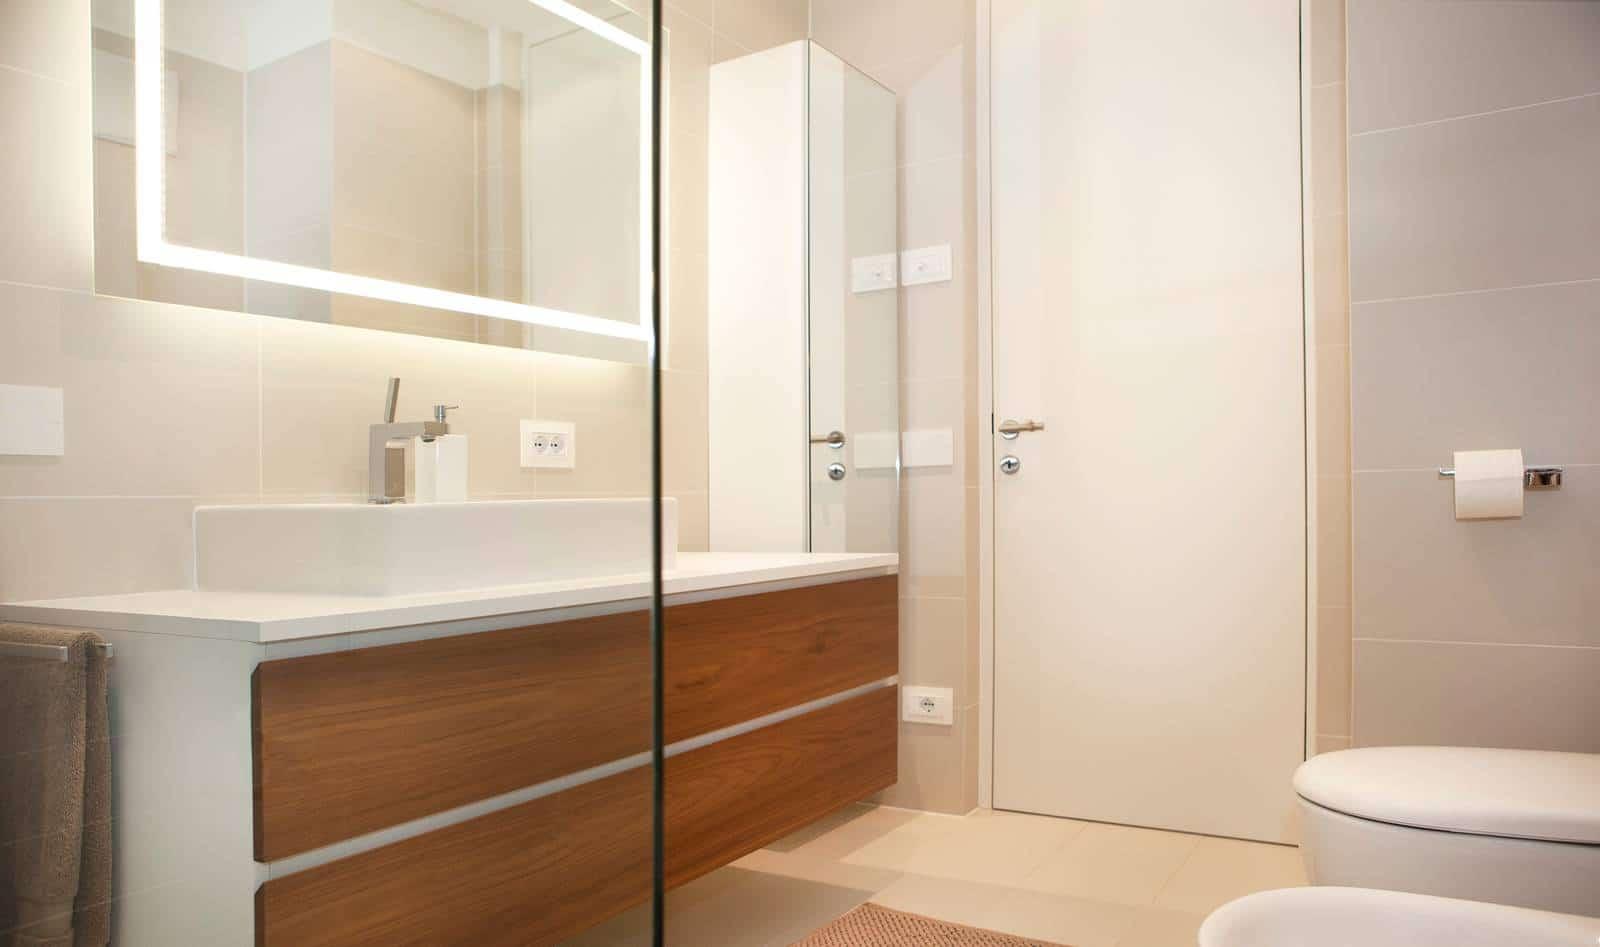 Dise o de planos de apartamento e interior construye hogar - Cuarto de bano de diseno ...